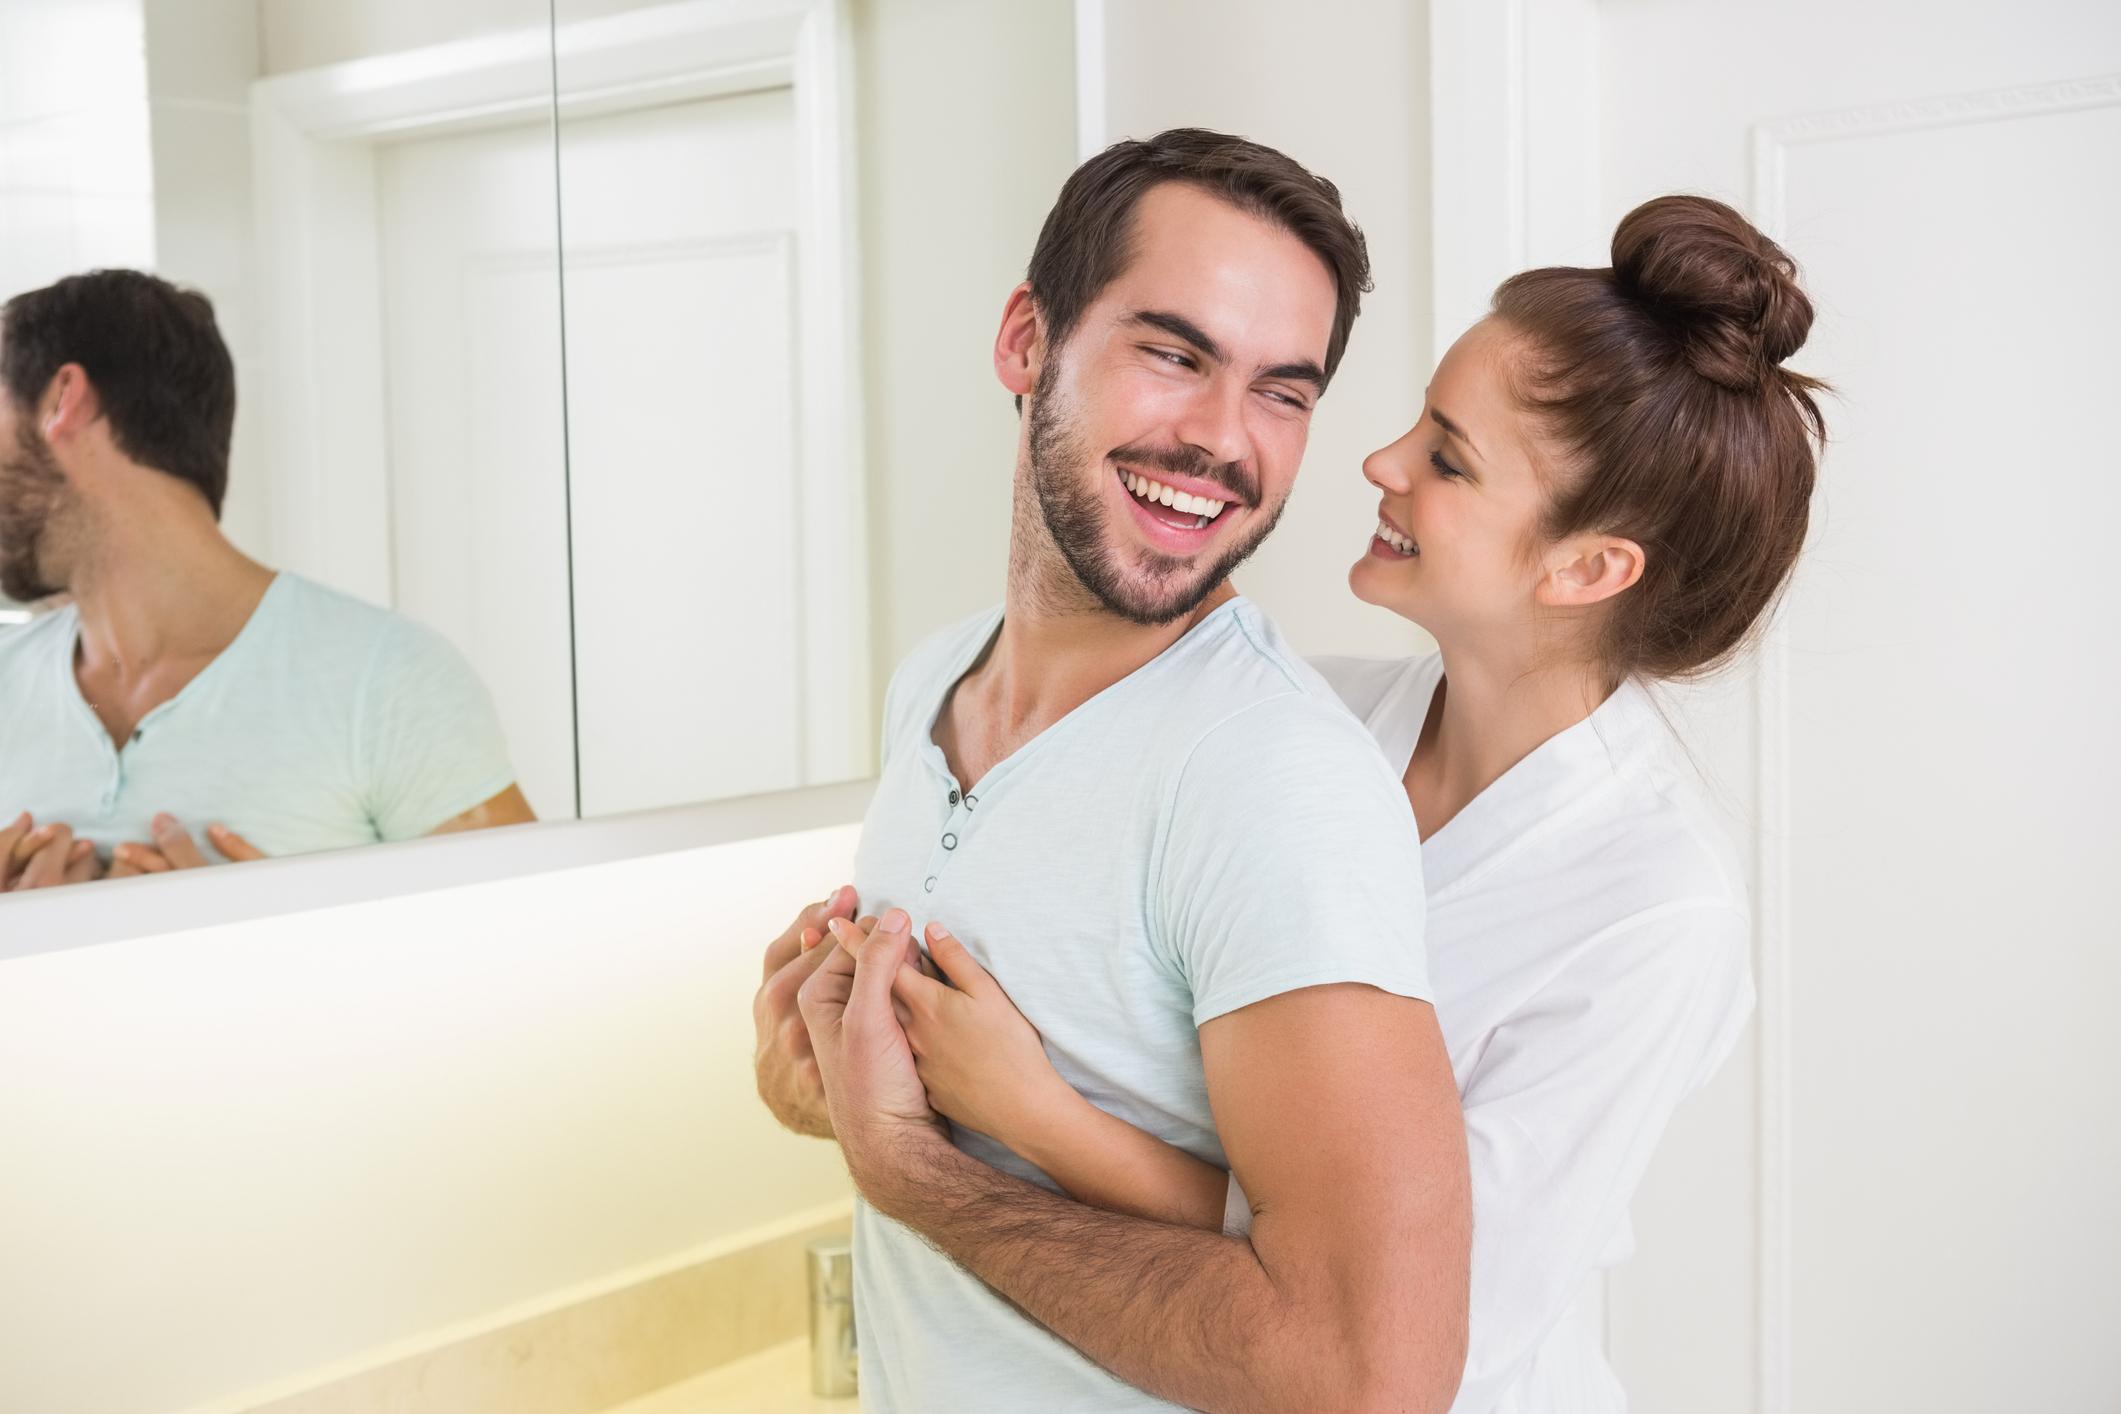 A relação entre o casamento e um espelho3 min read